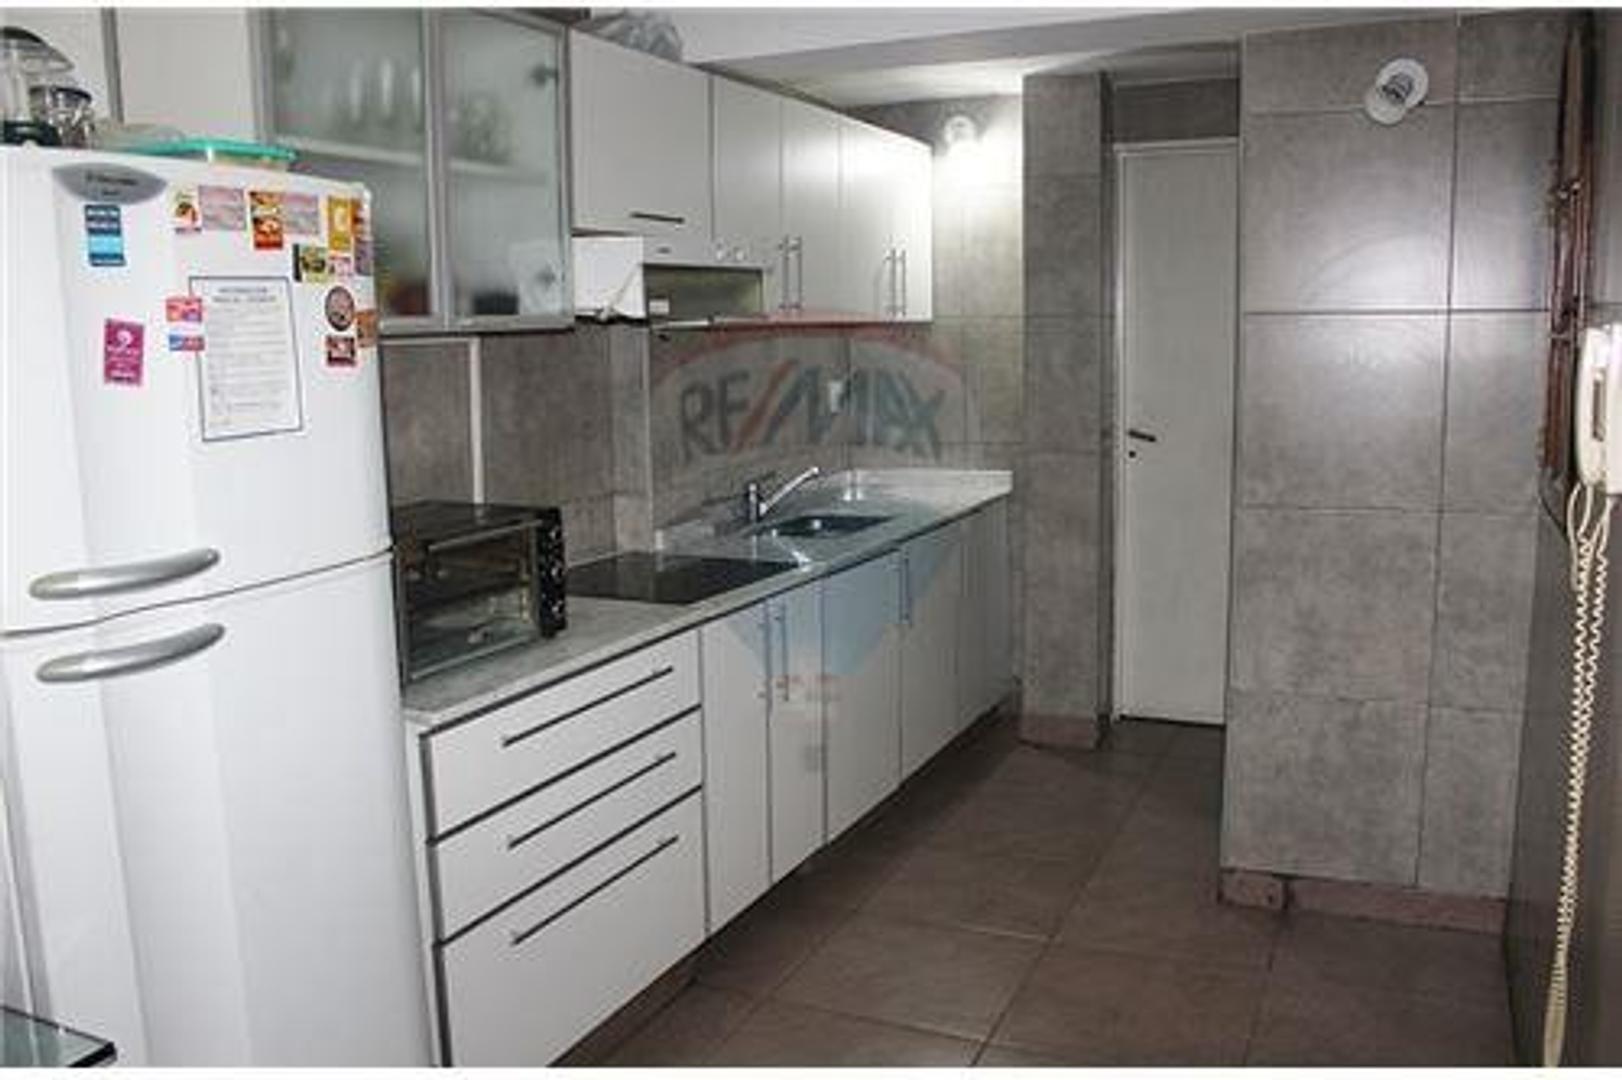 Departamento 4 amb con baño, toilete y balcón